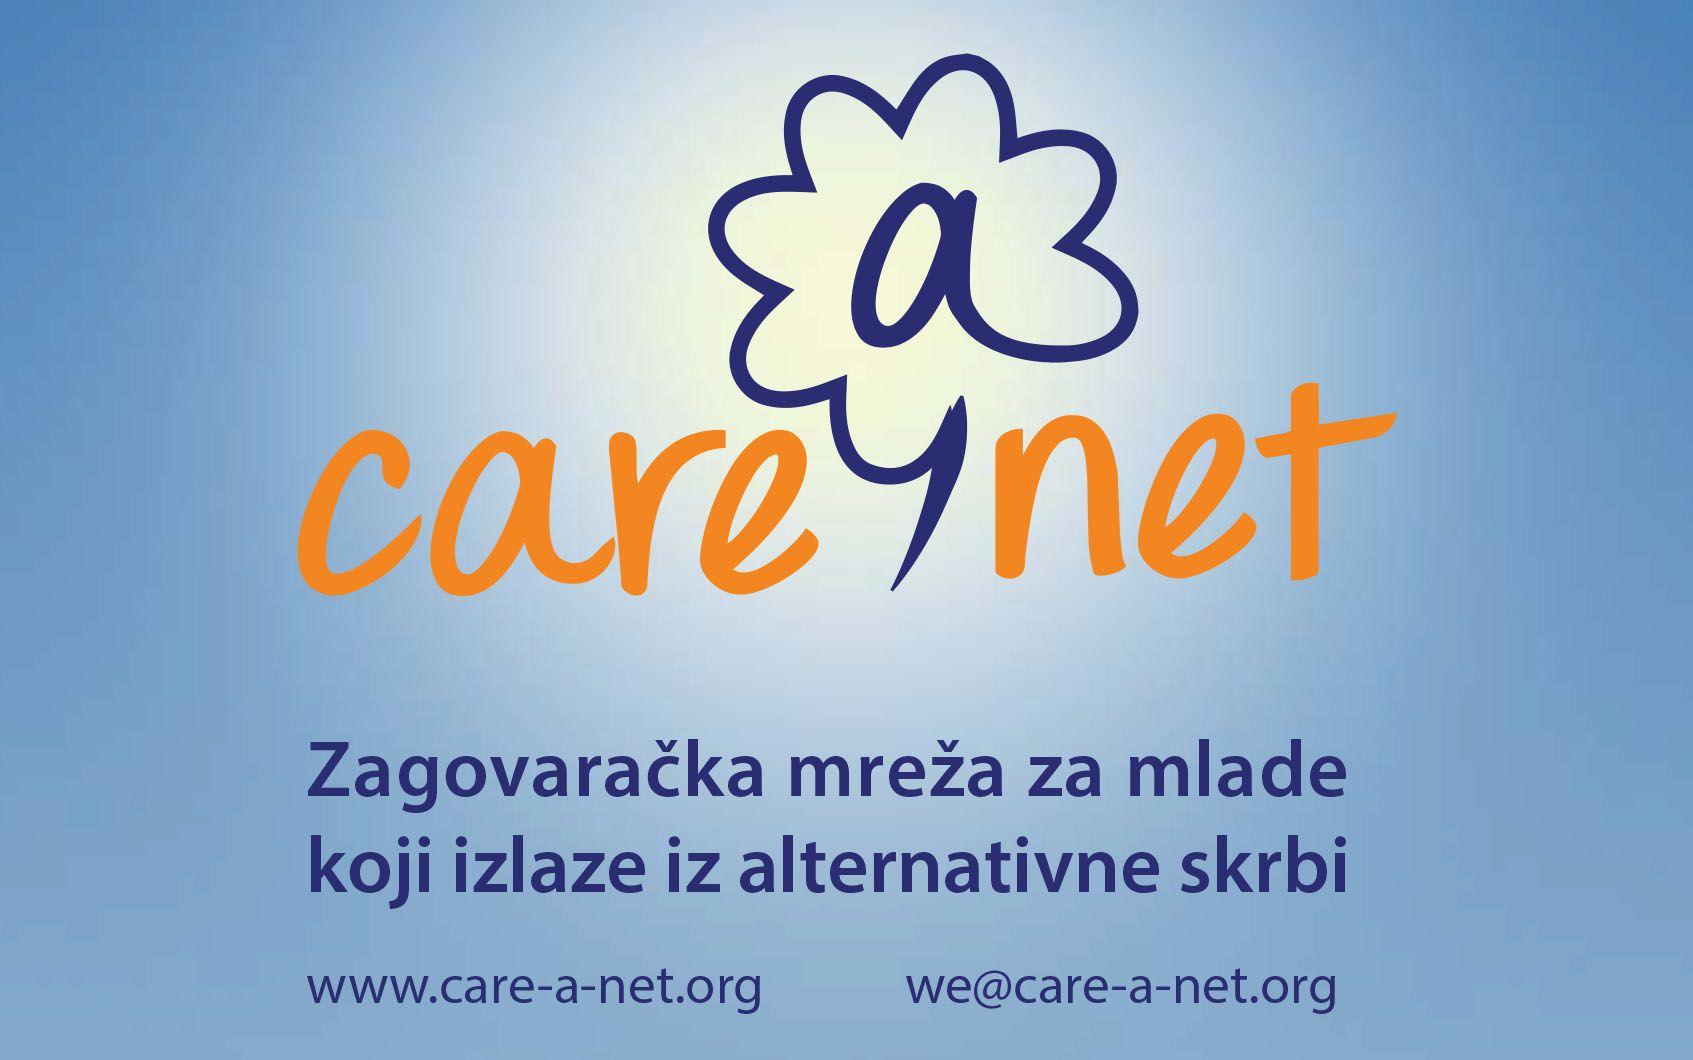 care@net